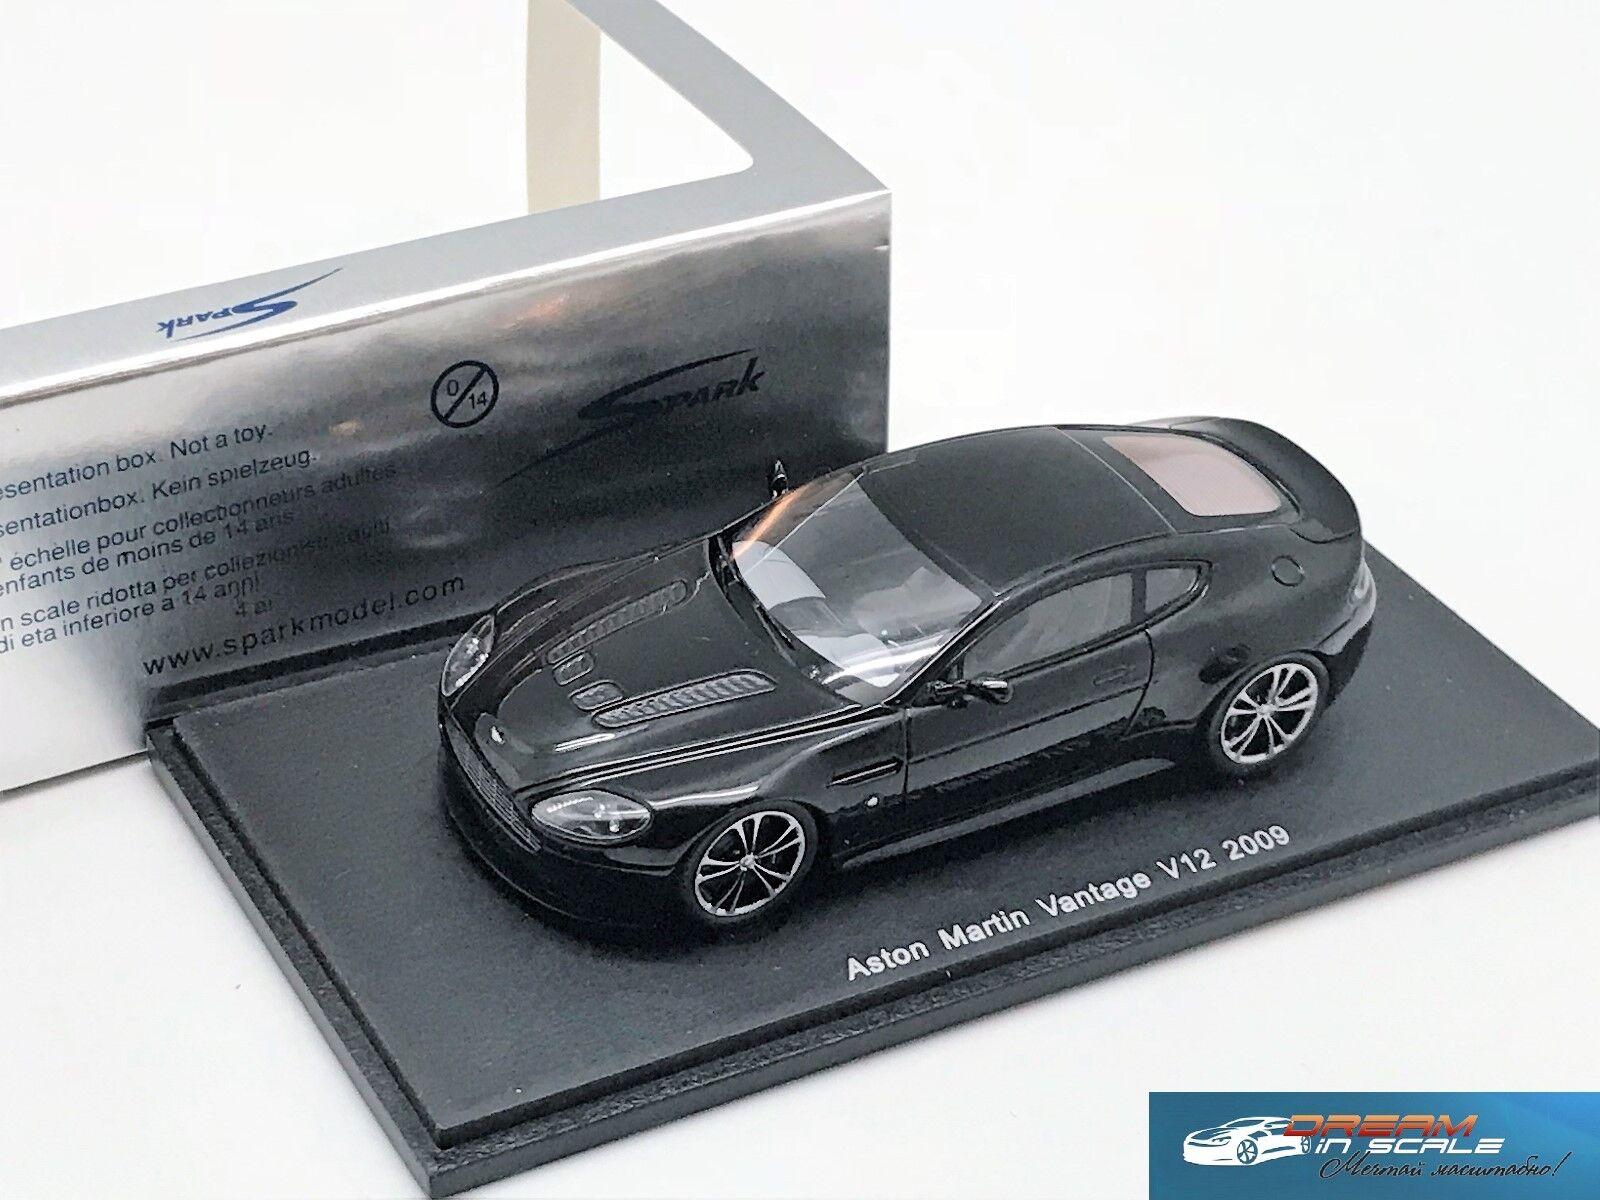 precios ultra bajos Aston Martin Martin Martin Vantage V12 Spark S2165 Resina 1 43  venta de ofertas